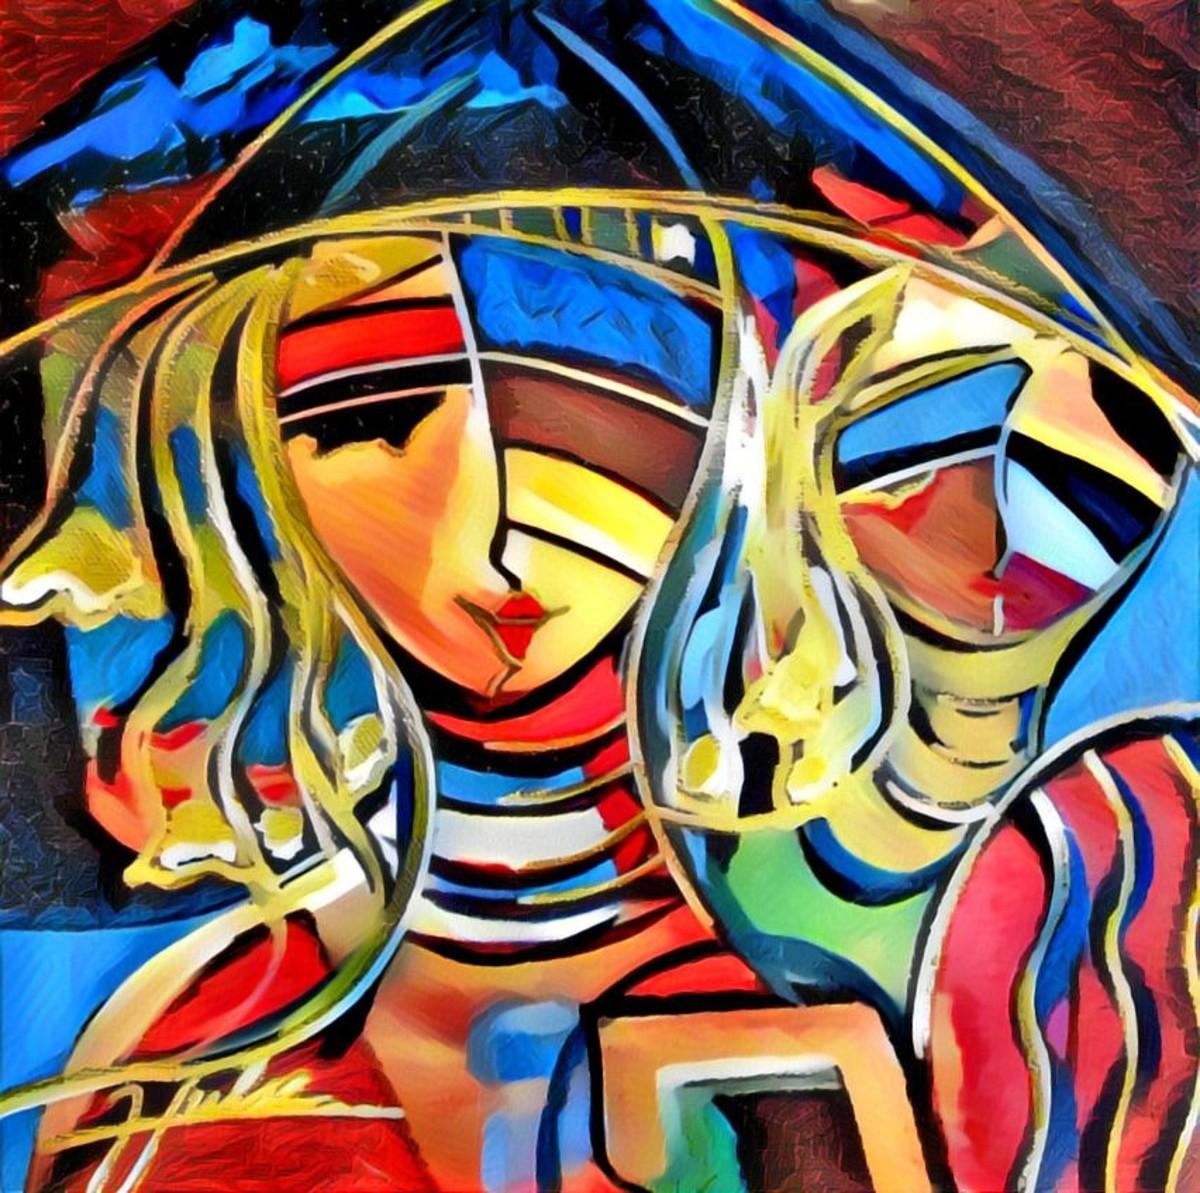 A New Beginning Original Art by Gina Welds Hulse